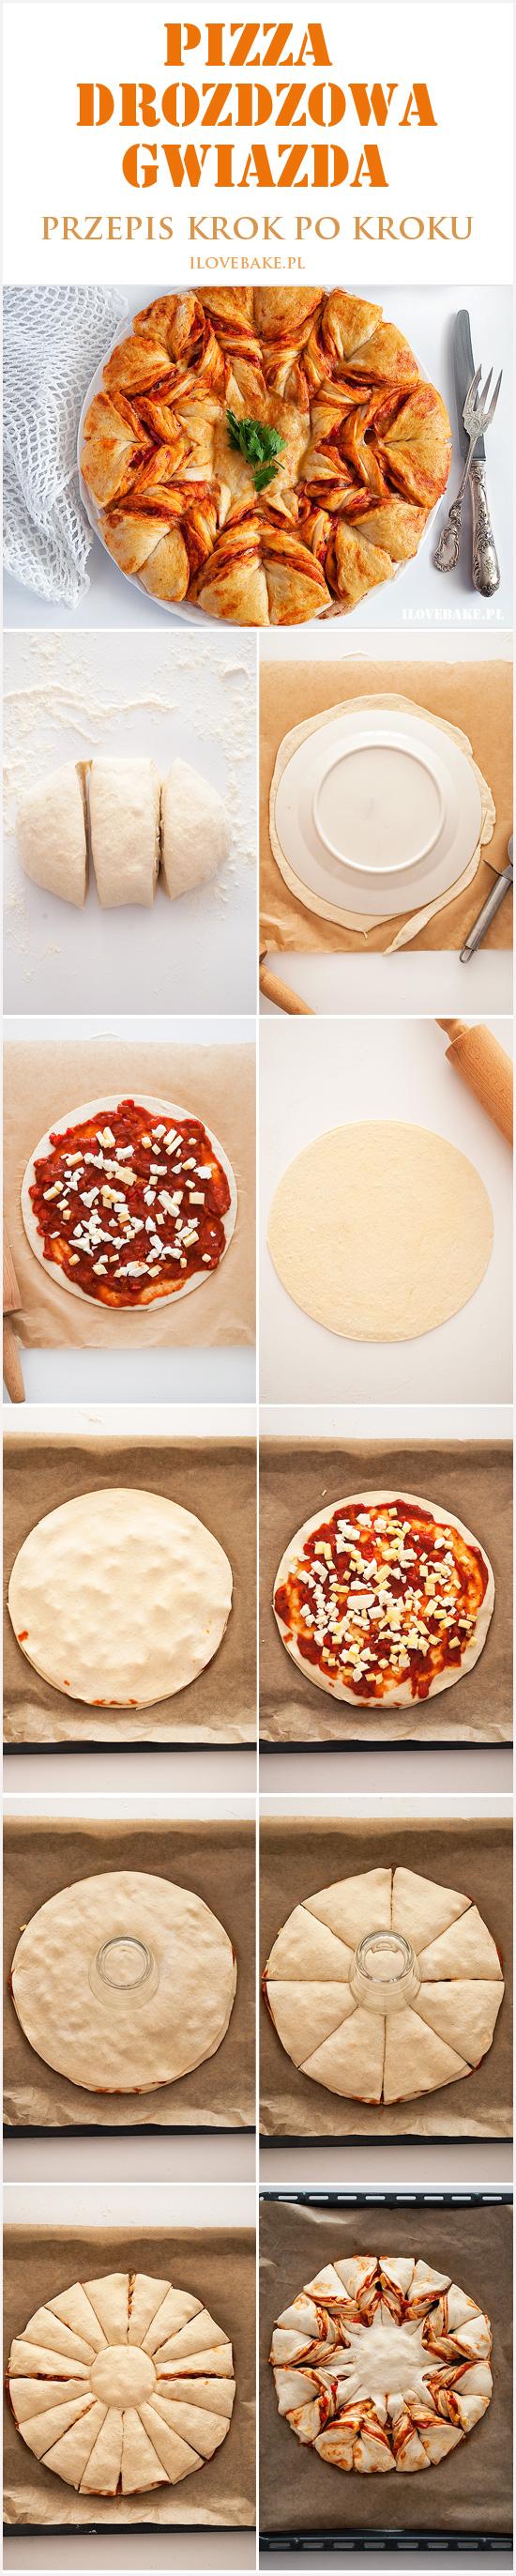 pizza gwiazda